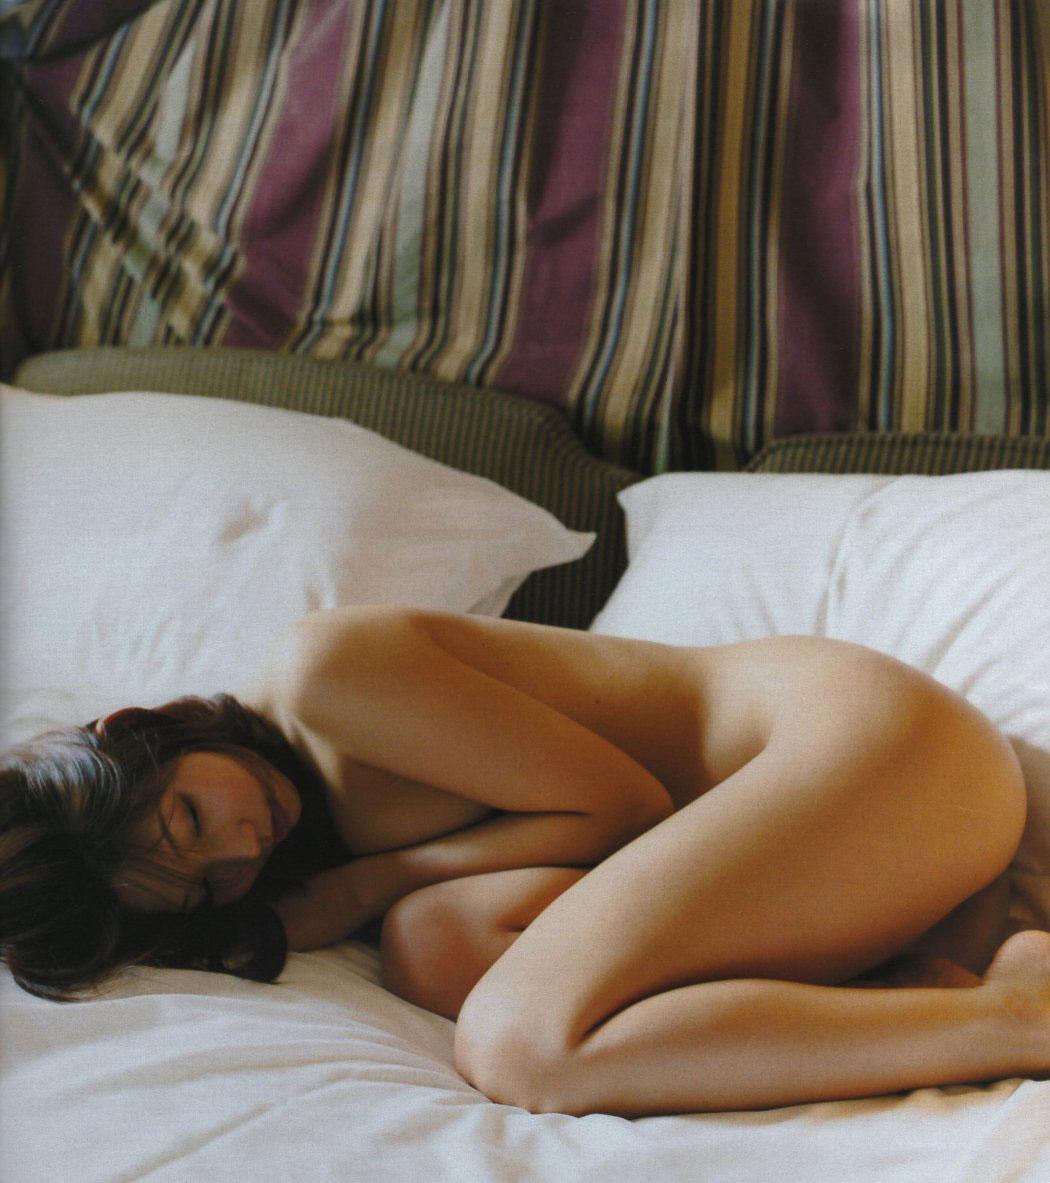 【ヌードエロ画像】立ったヌードよりエロスを感じる寝姿の全裸画像集! 06